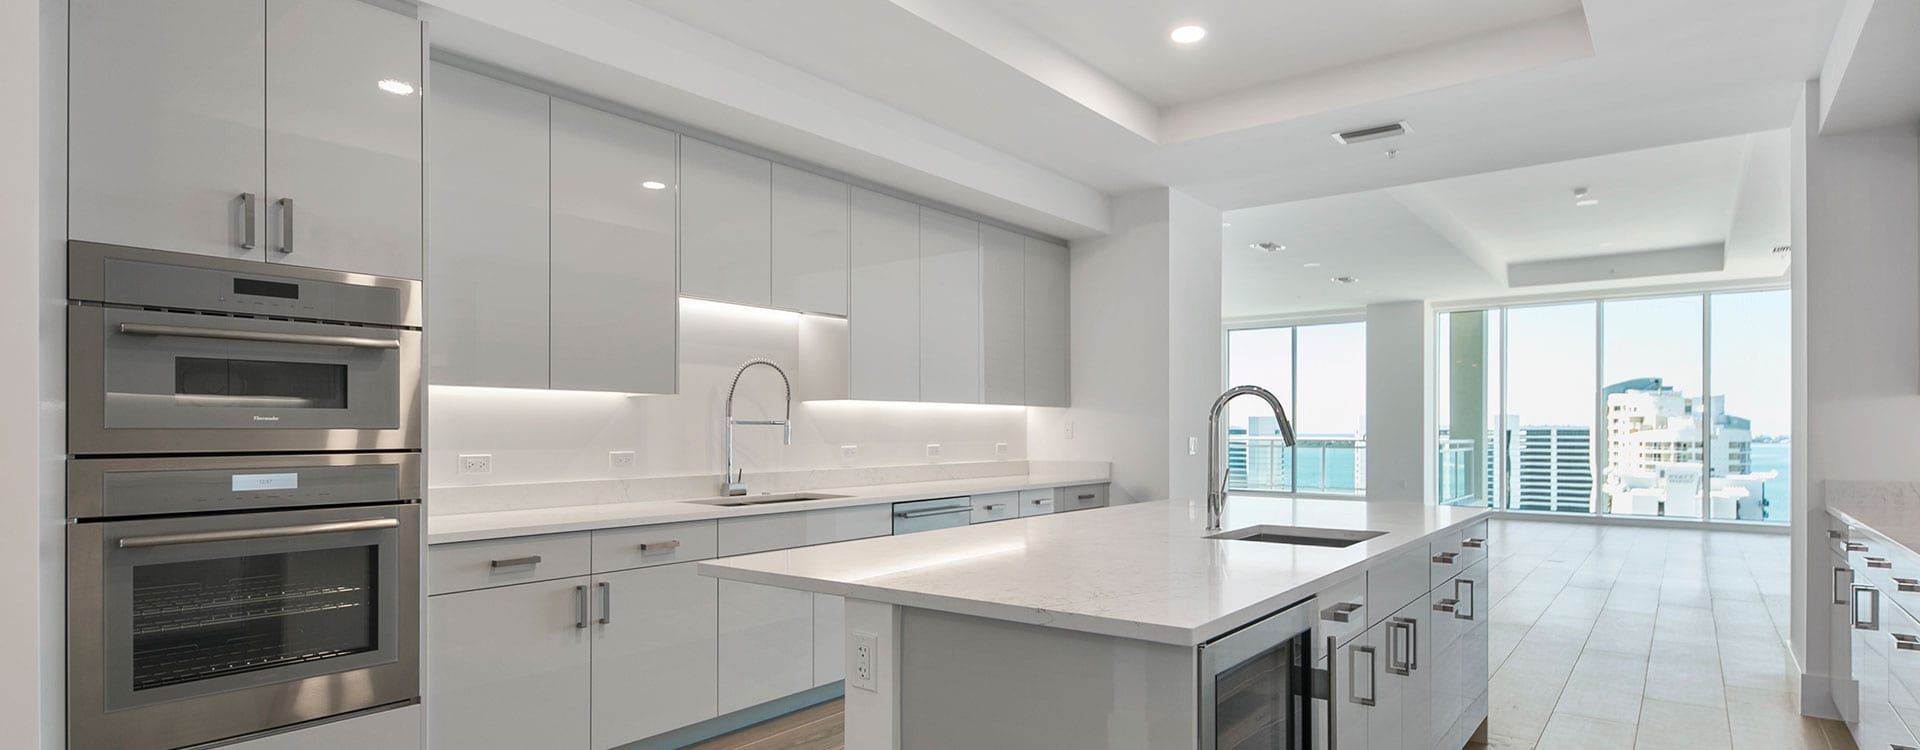 blvd sarasota residence 1503 kitchen